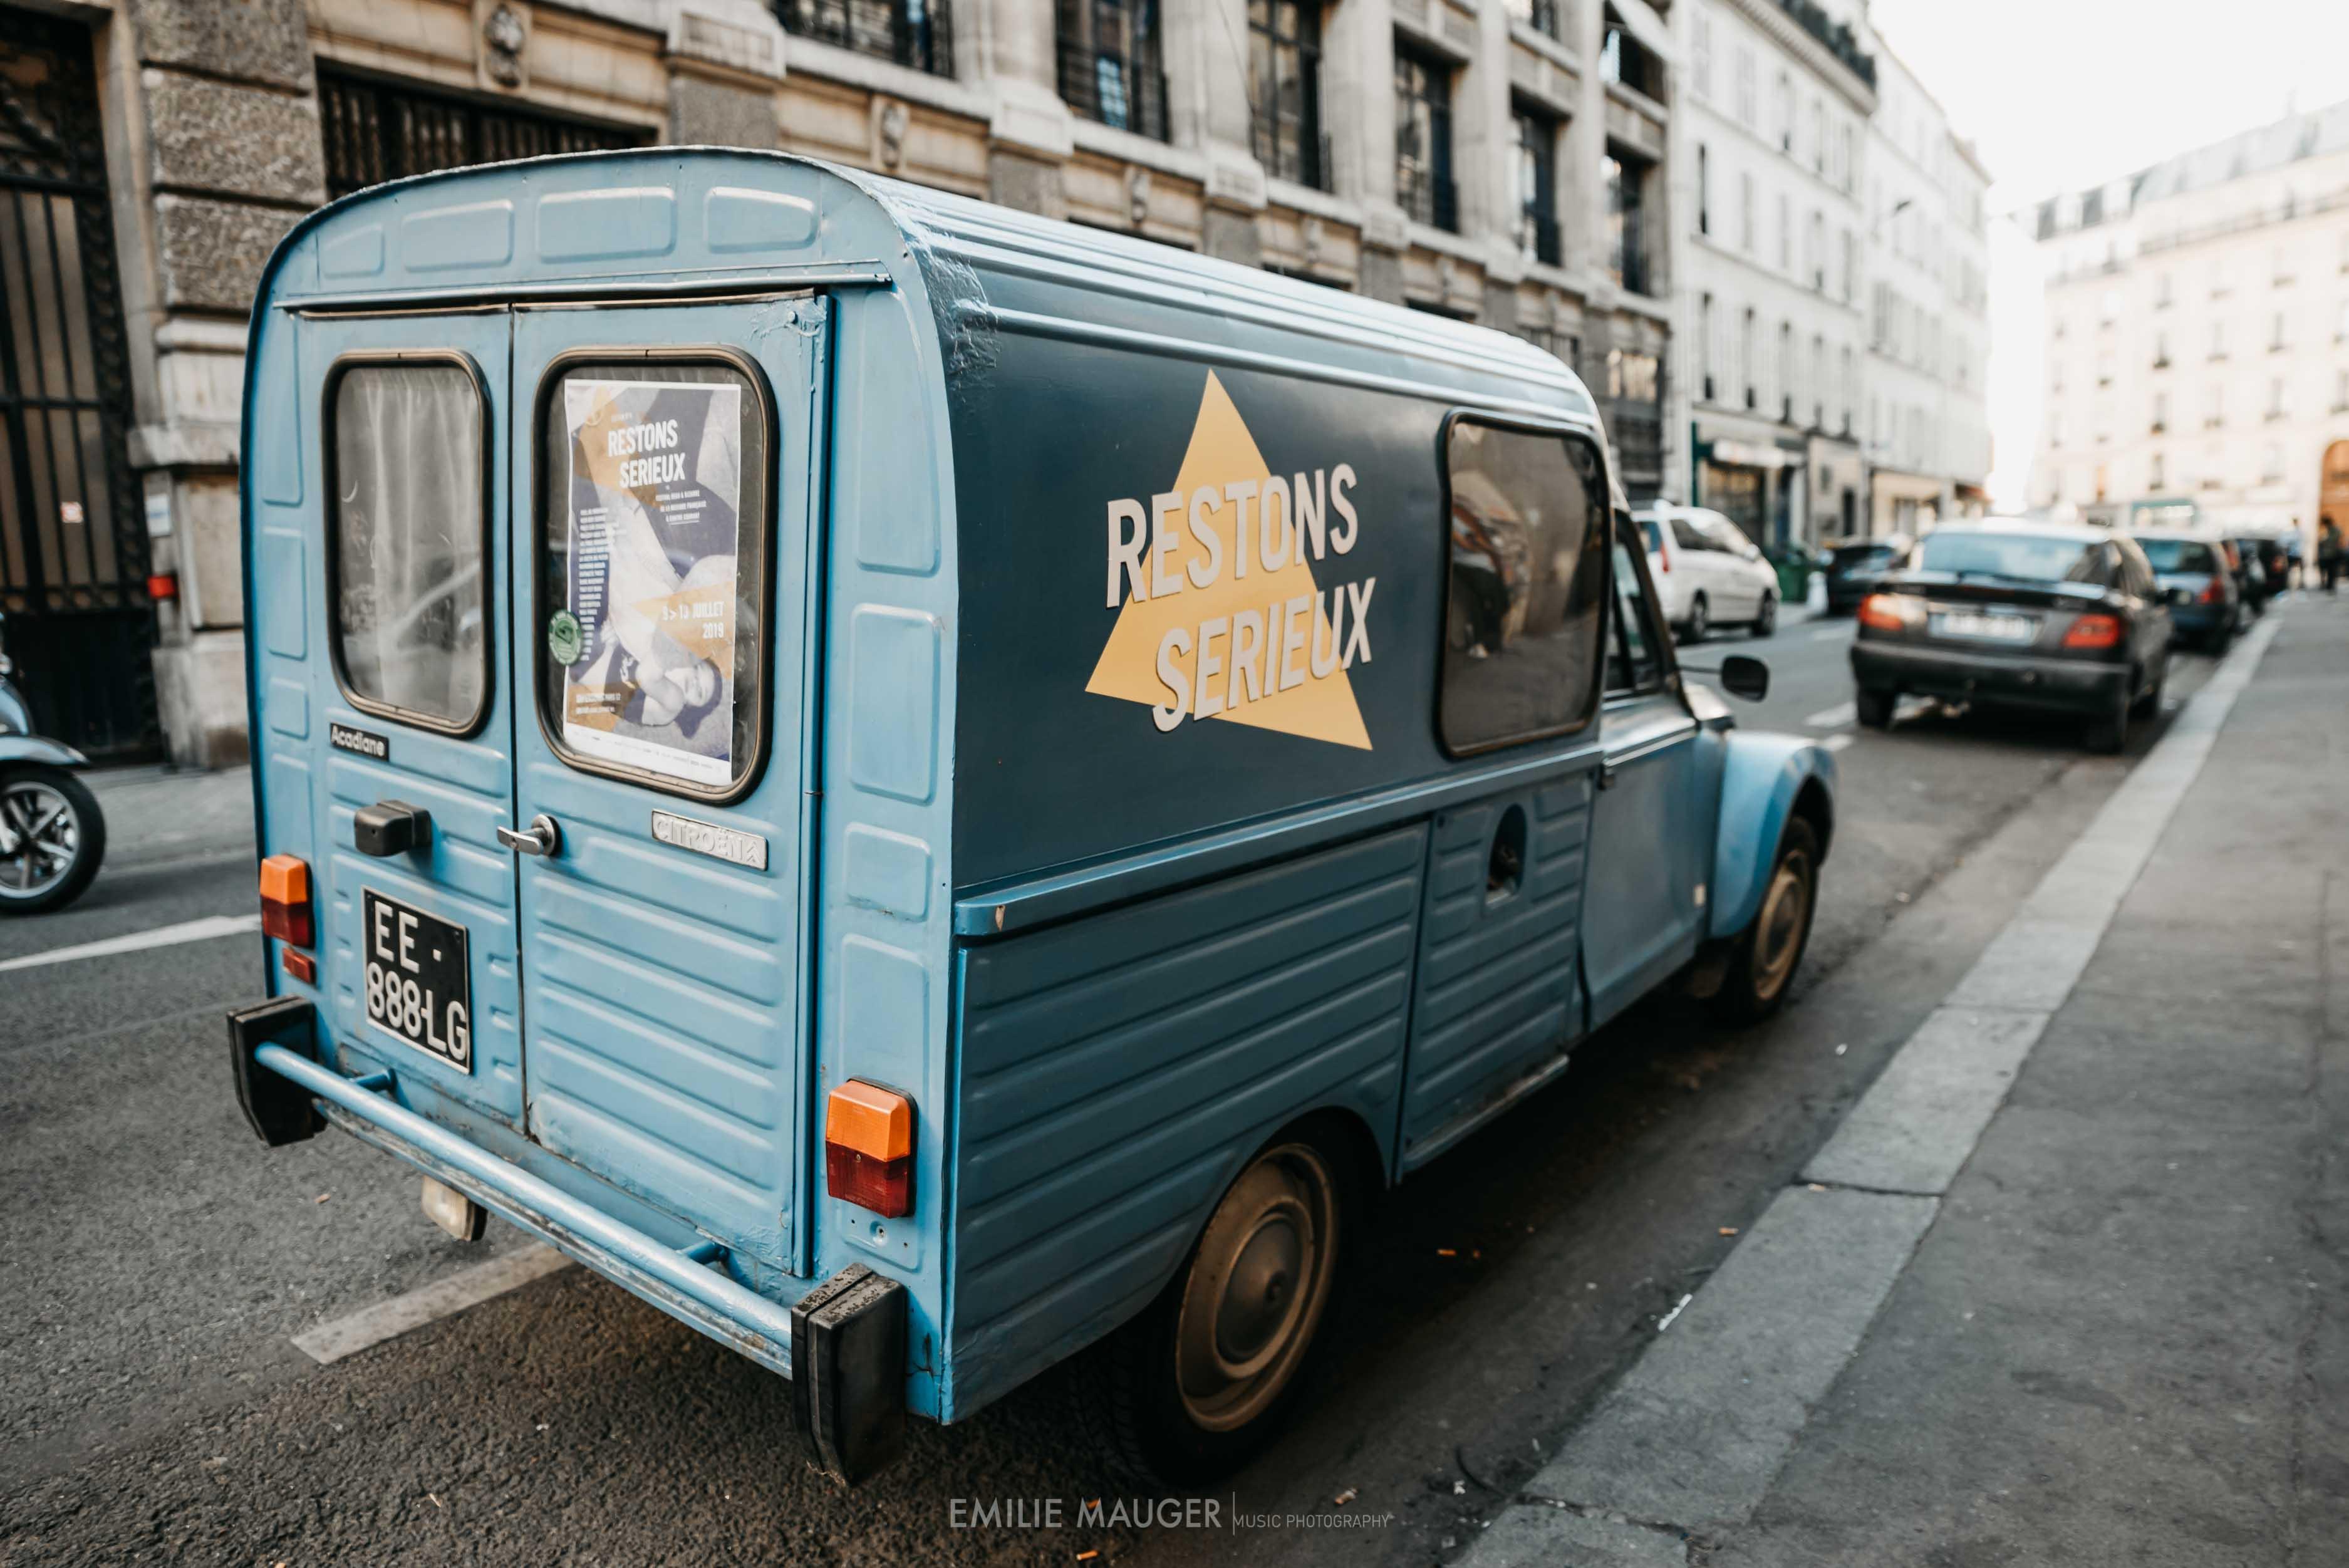 © Festival Restons Sérieux 2019 by Emilie Mauger